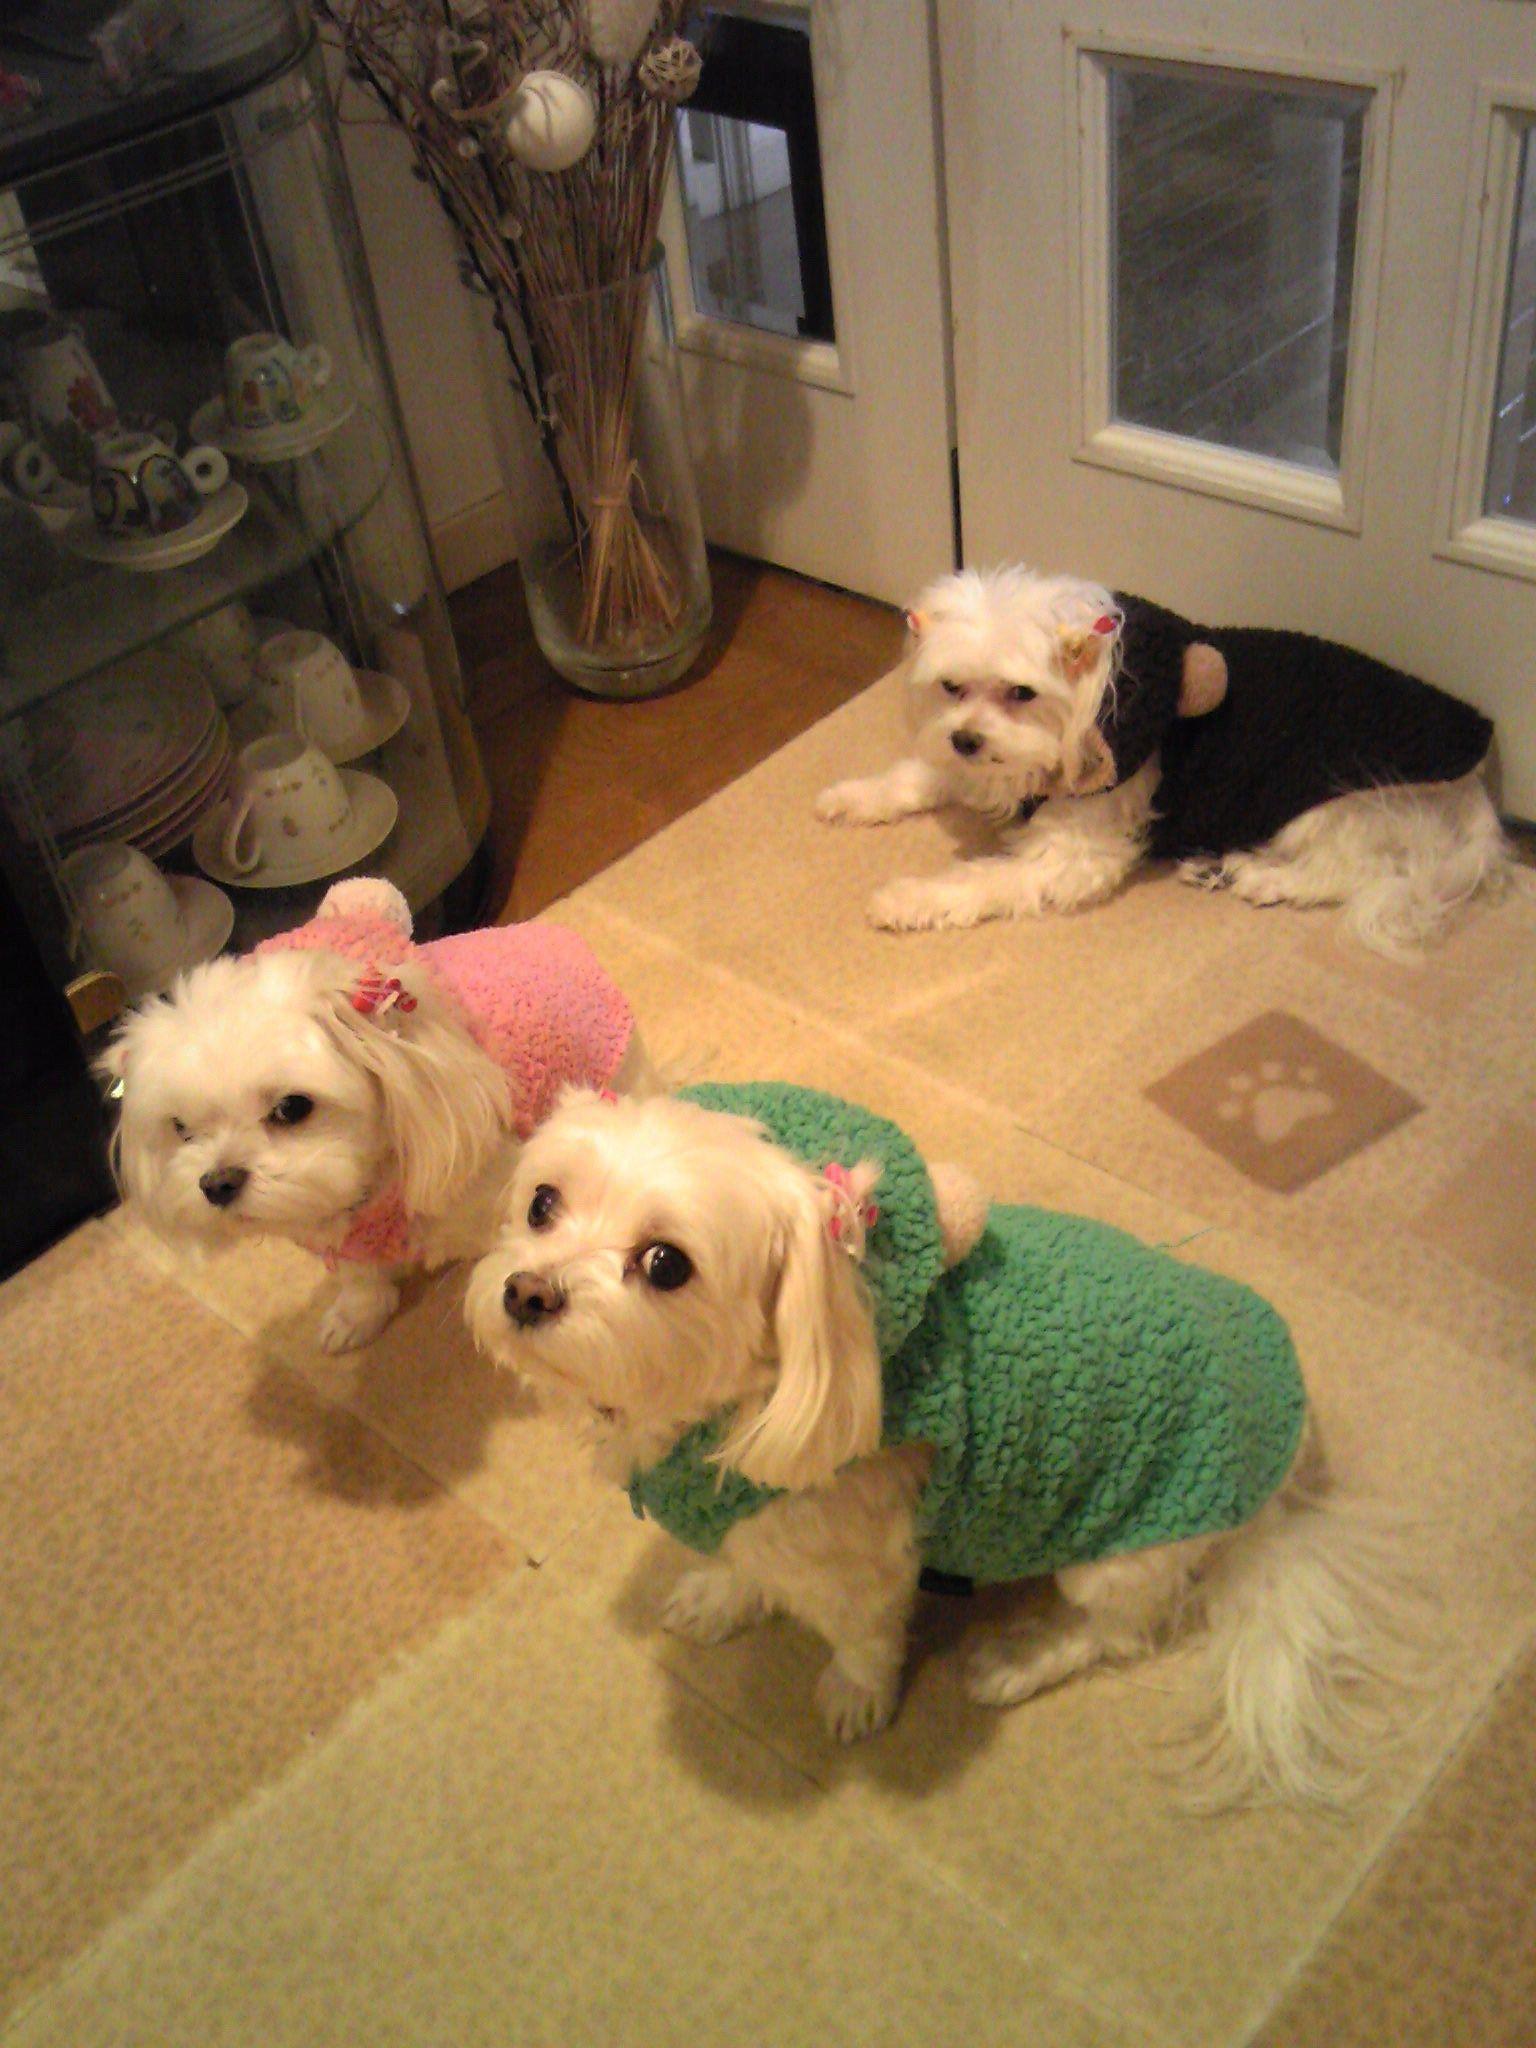 お名前 メグちゃん ナナちゃん タマちゃん 東京都在住 マルチーズ 全員メス メグ14歳 ナナ タマ12歳 実家に住んでいる3匹のわんこ 親犬 娘犬2匹の3匹 3匹ともなると四六時中お世話しなくちゃいけないので母はいつも大変そ Baby Animals Maltese